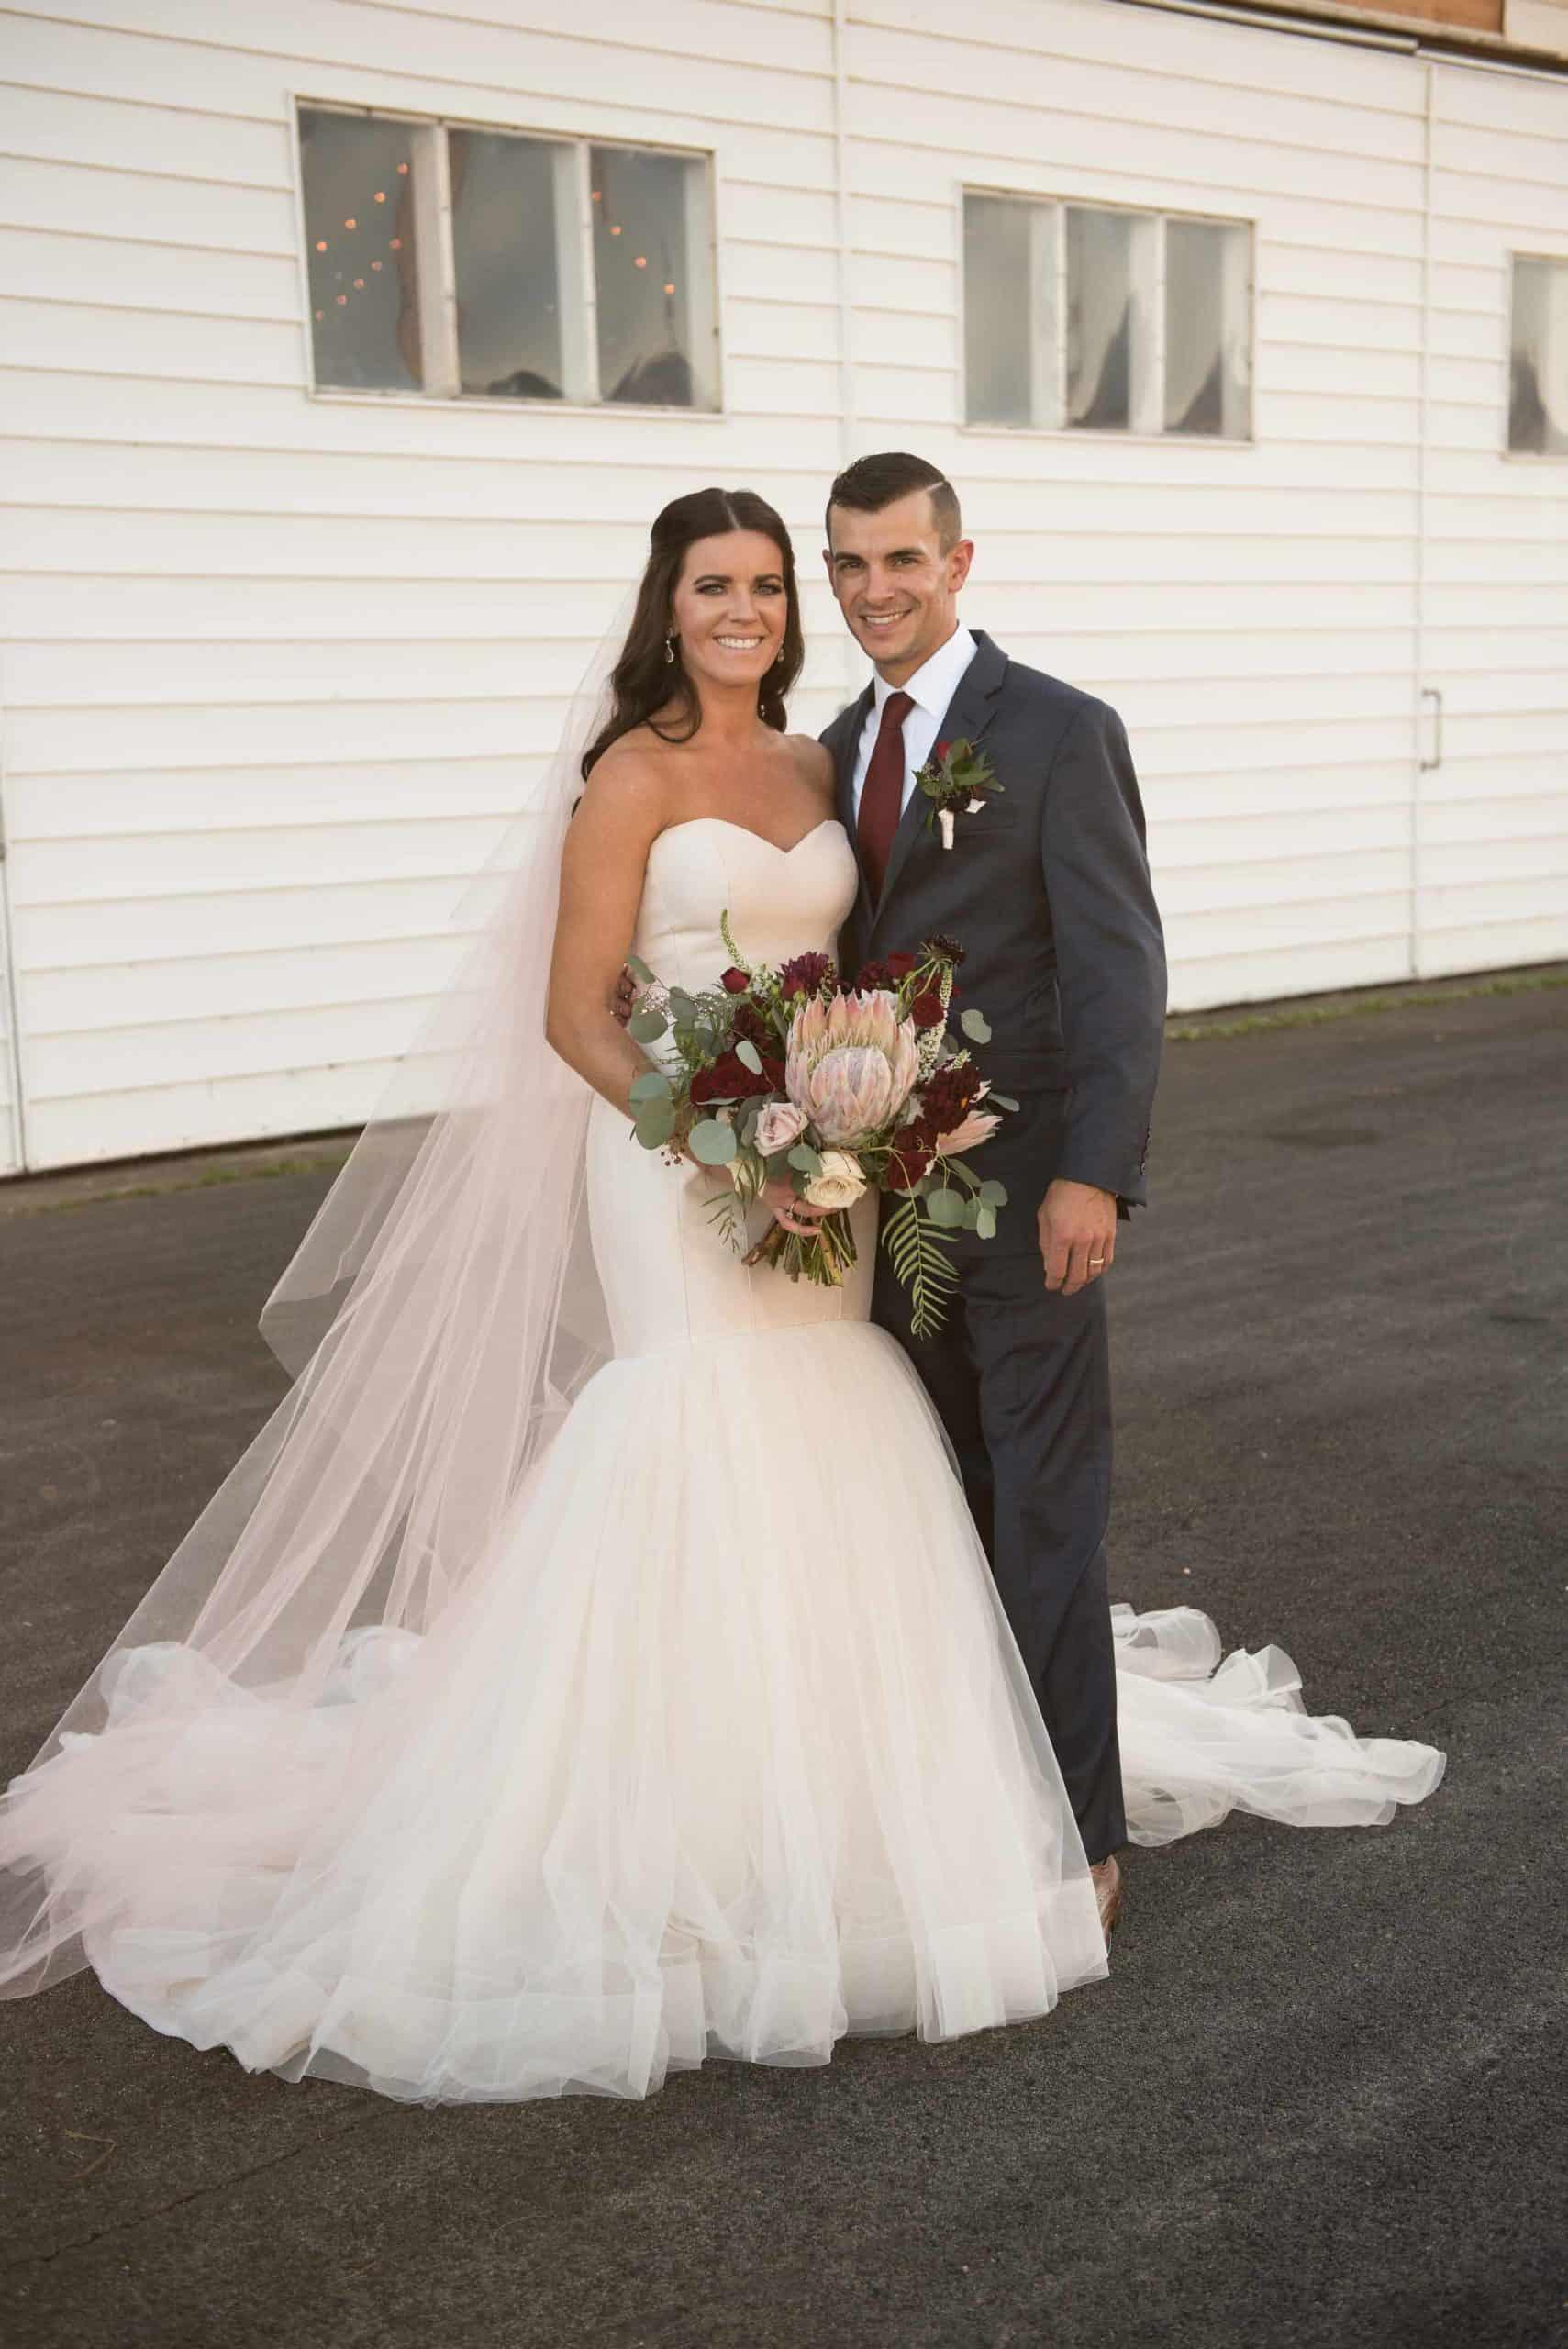 couple-smiling-postpone-wedding